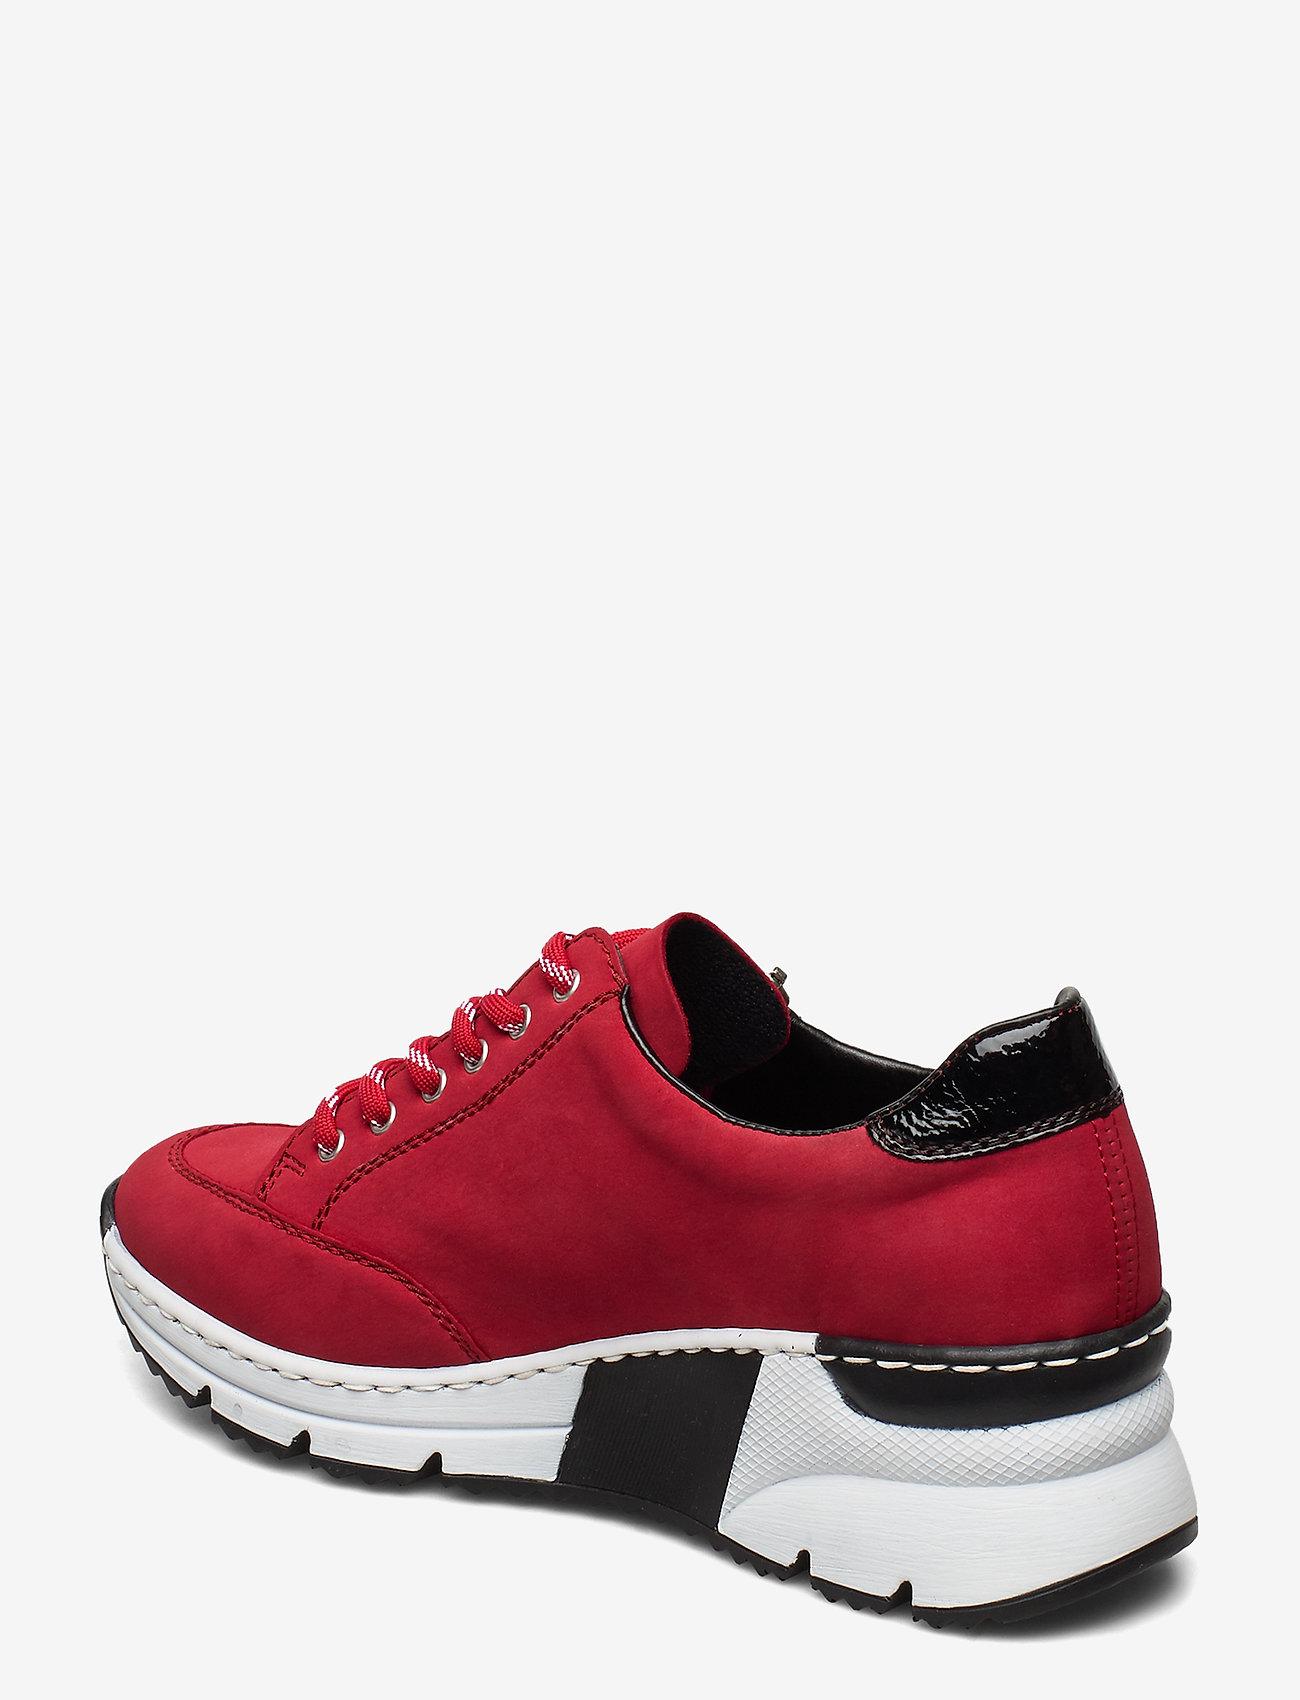 N6322-33 (Red) (549 kr) - Rieker